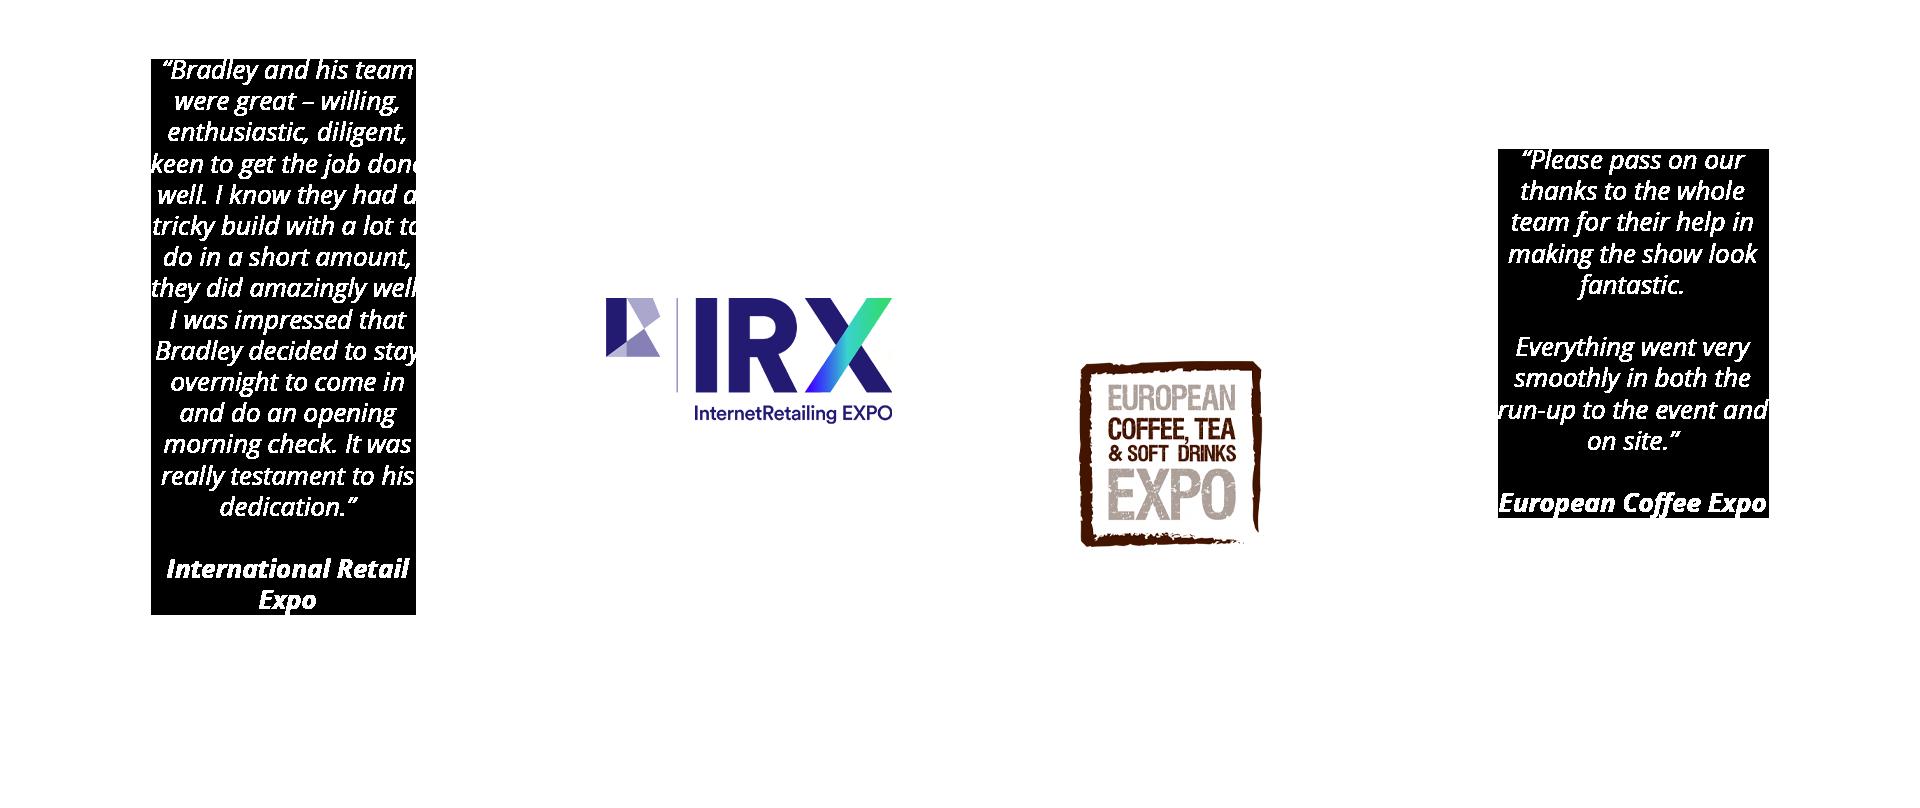 International Retail Expo and European Coffee Expo Testimonials